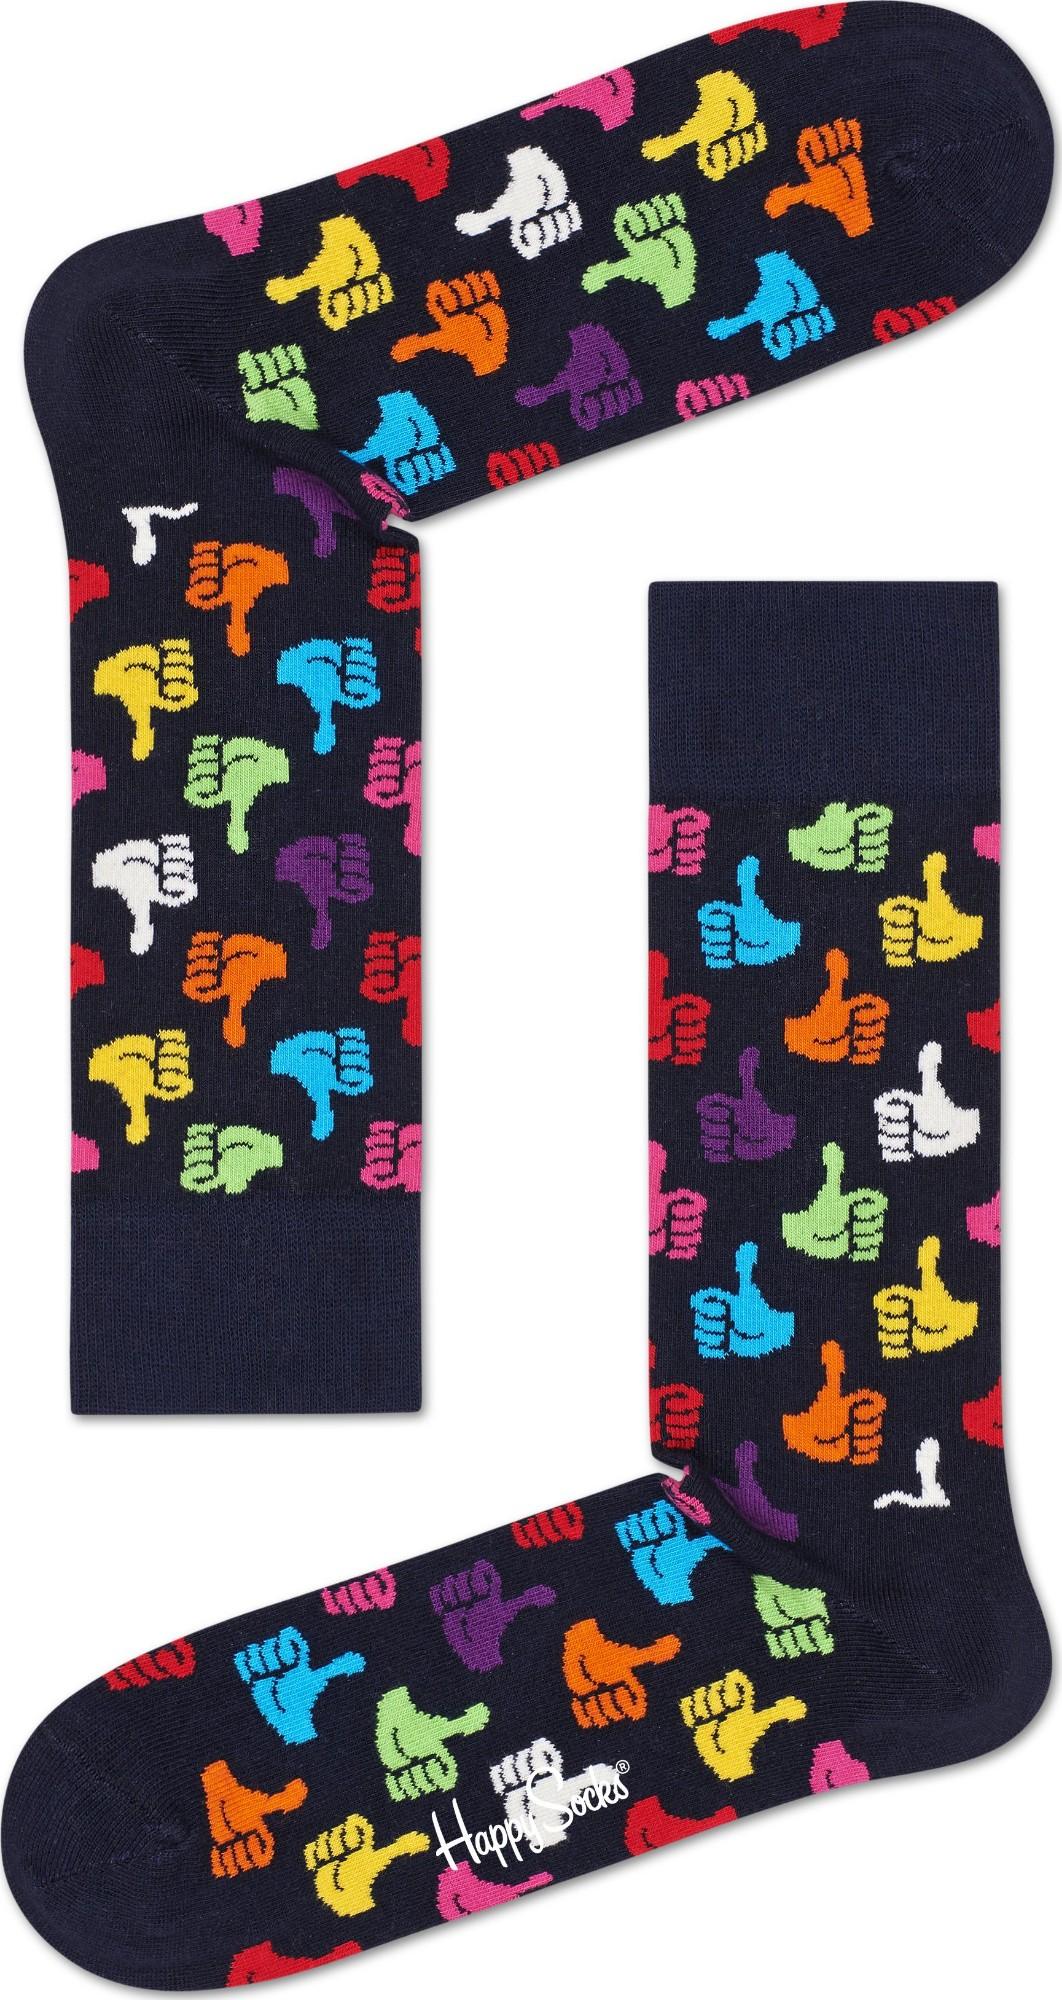 Happy Socks Thumbs Up Multi 6500 41-46